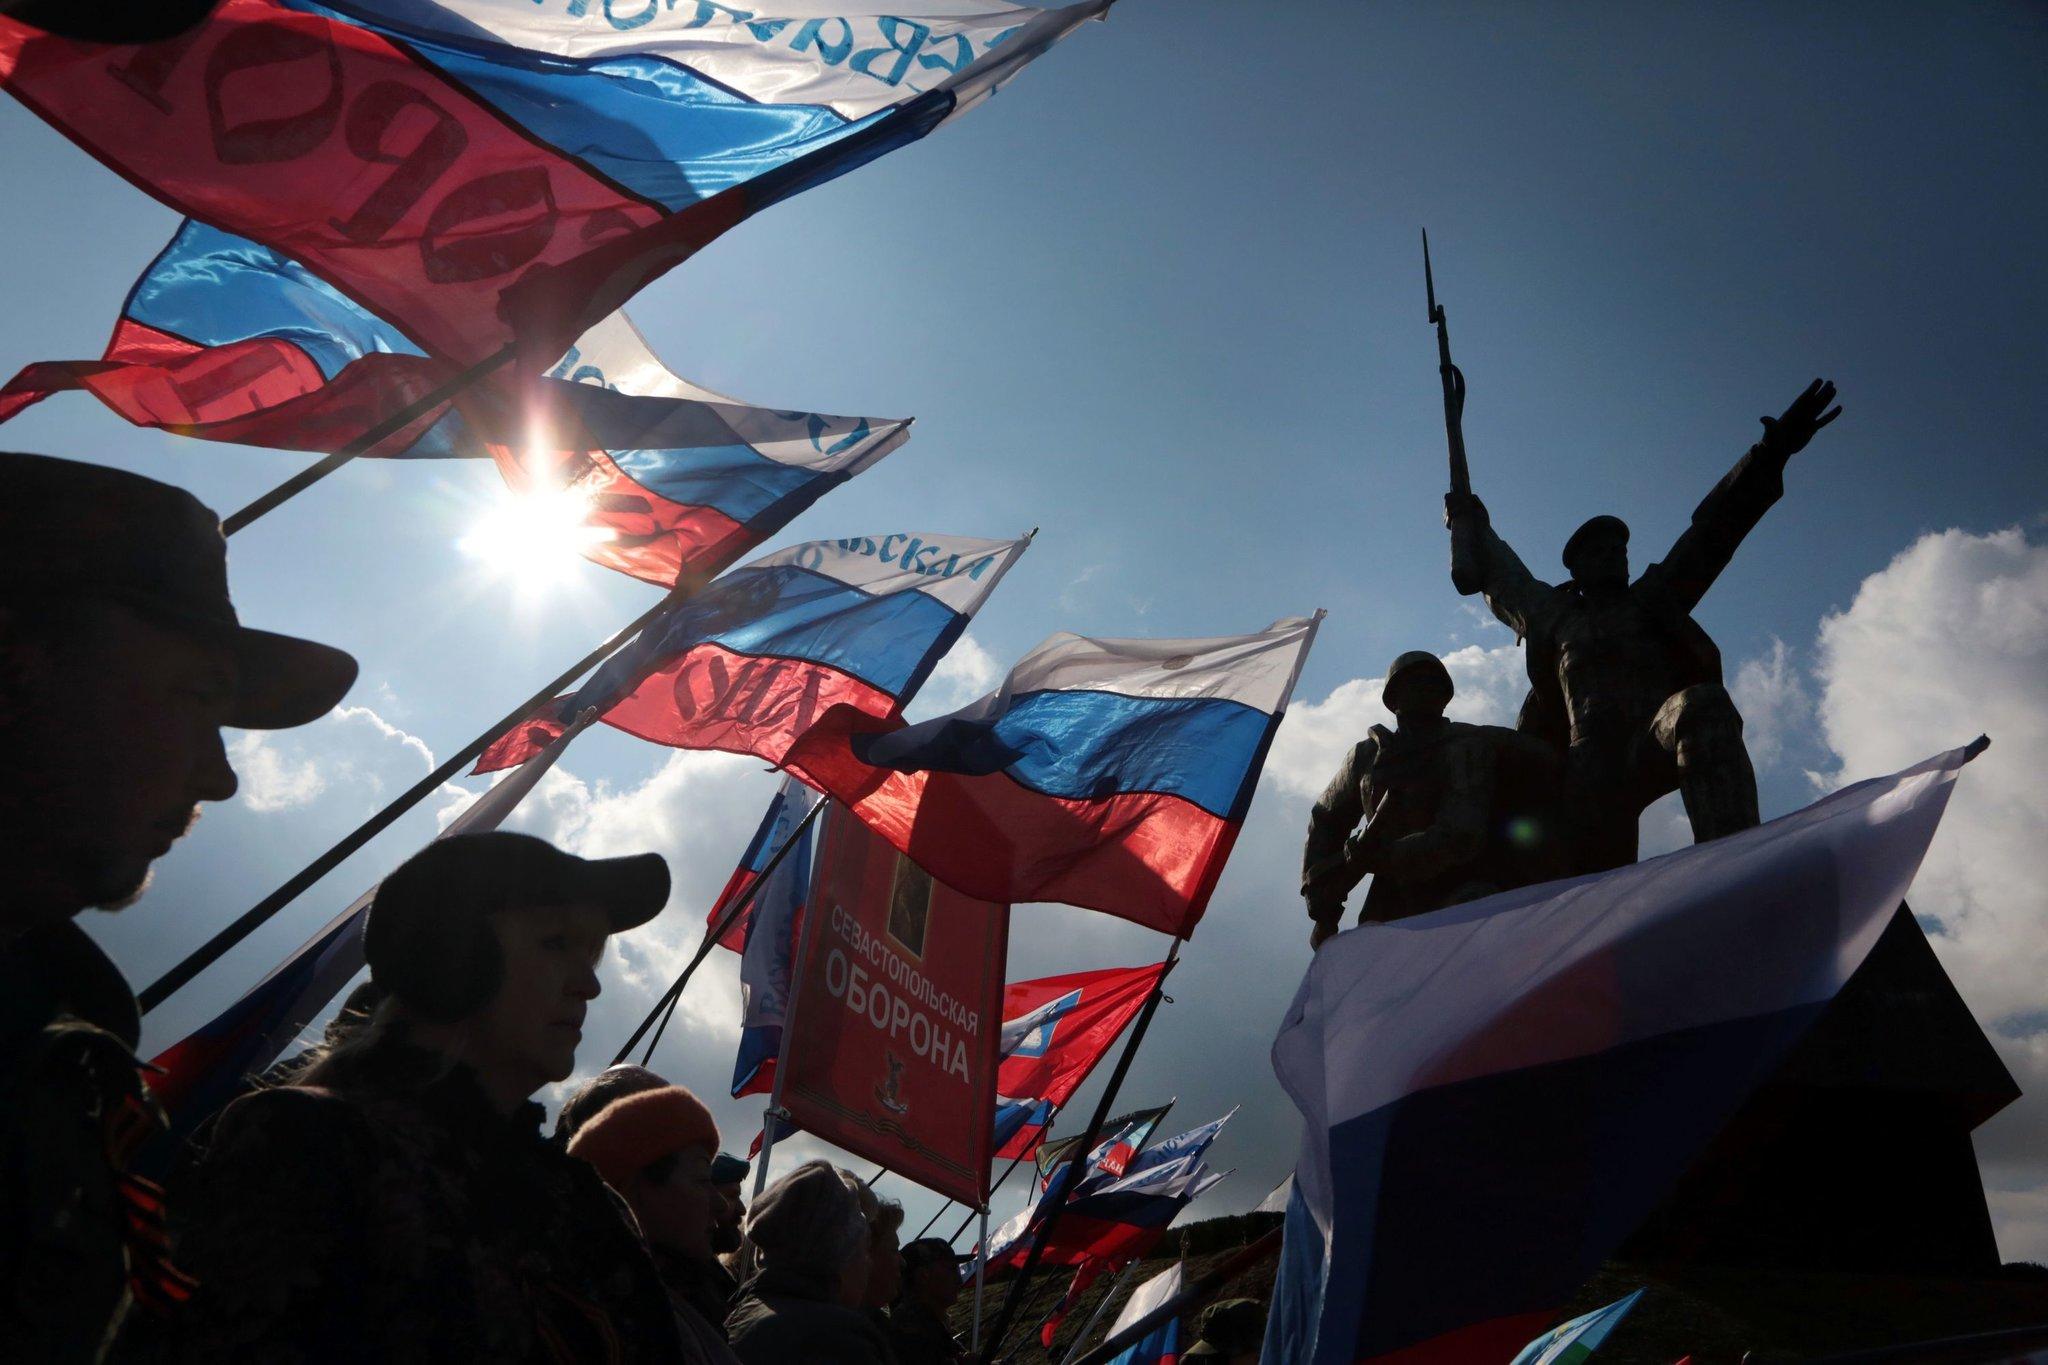 Грађани Севастопоља са руским заставама поводом треће годишњице од припајања Крима Русији, март 2017. (Фото: Max Vetrov/Agence France-Presse/Getty Images)